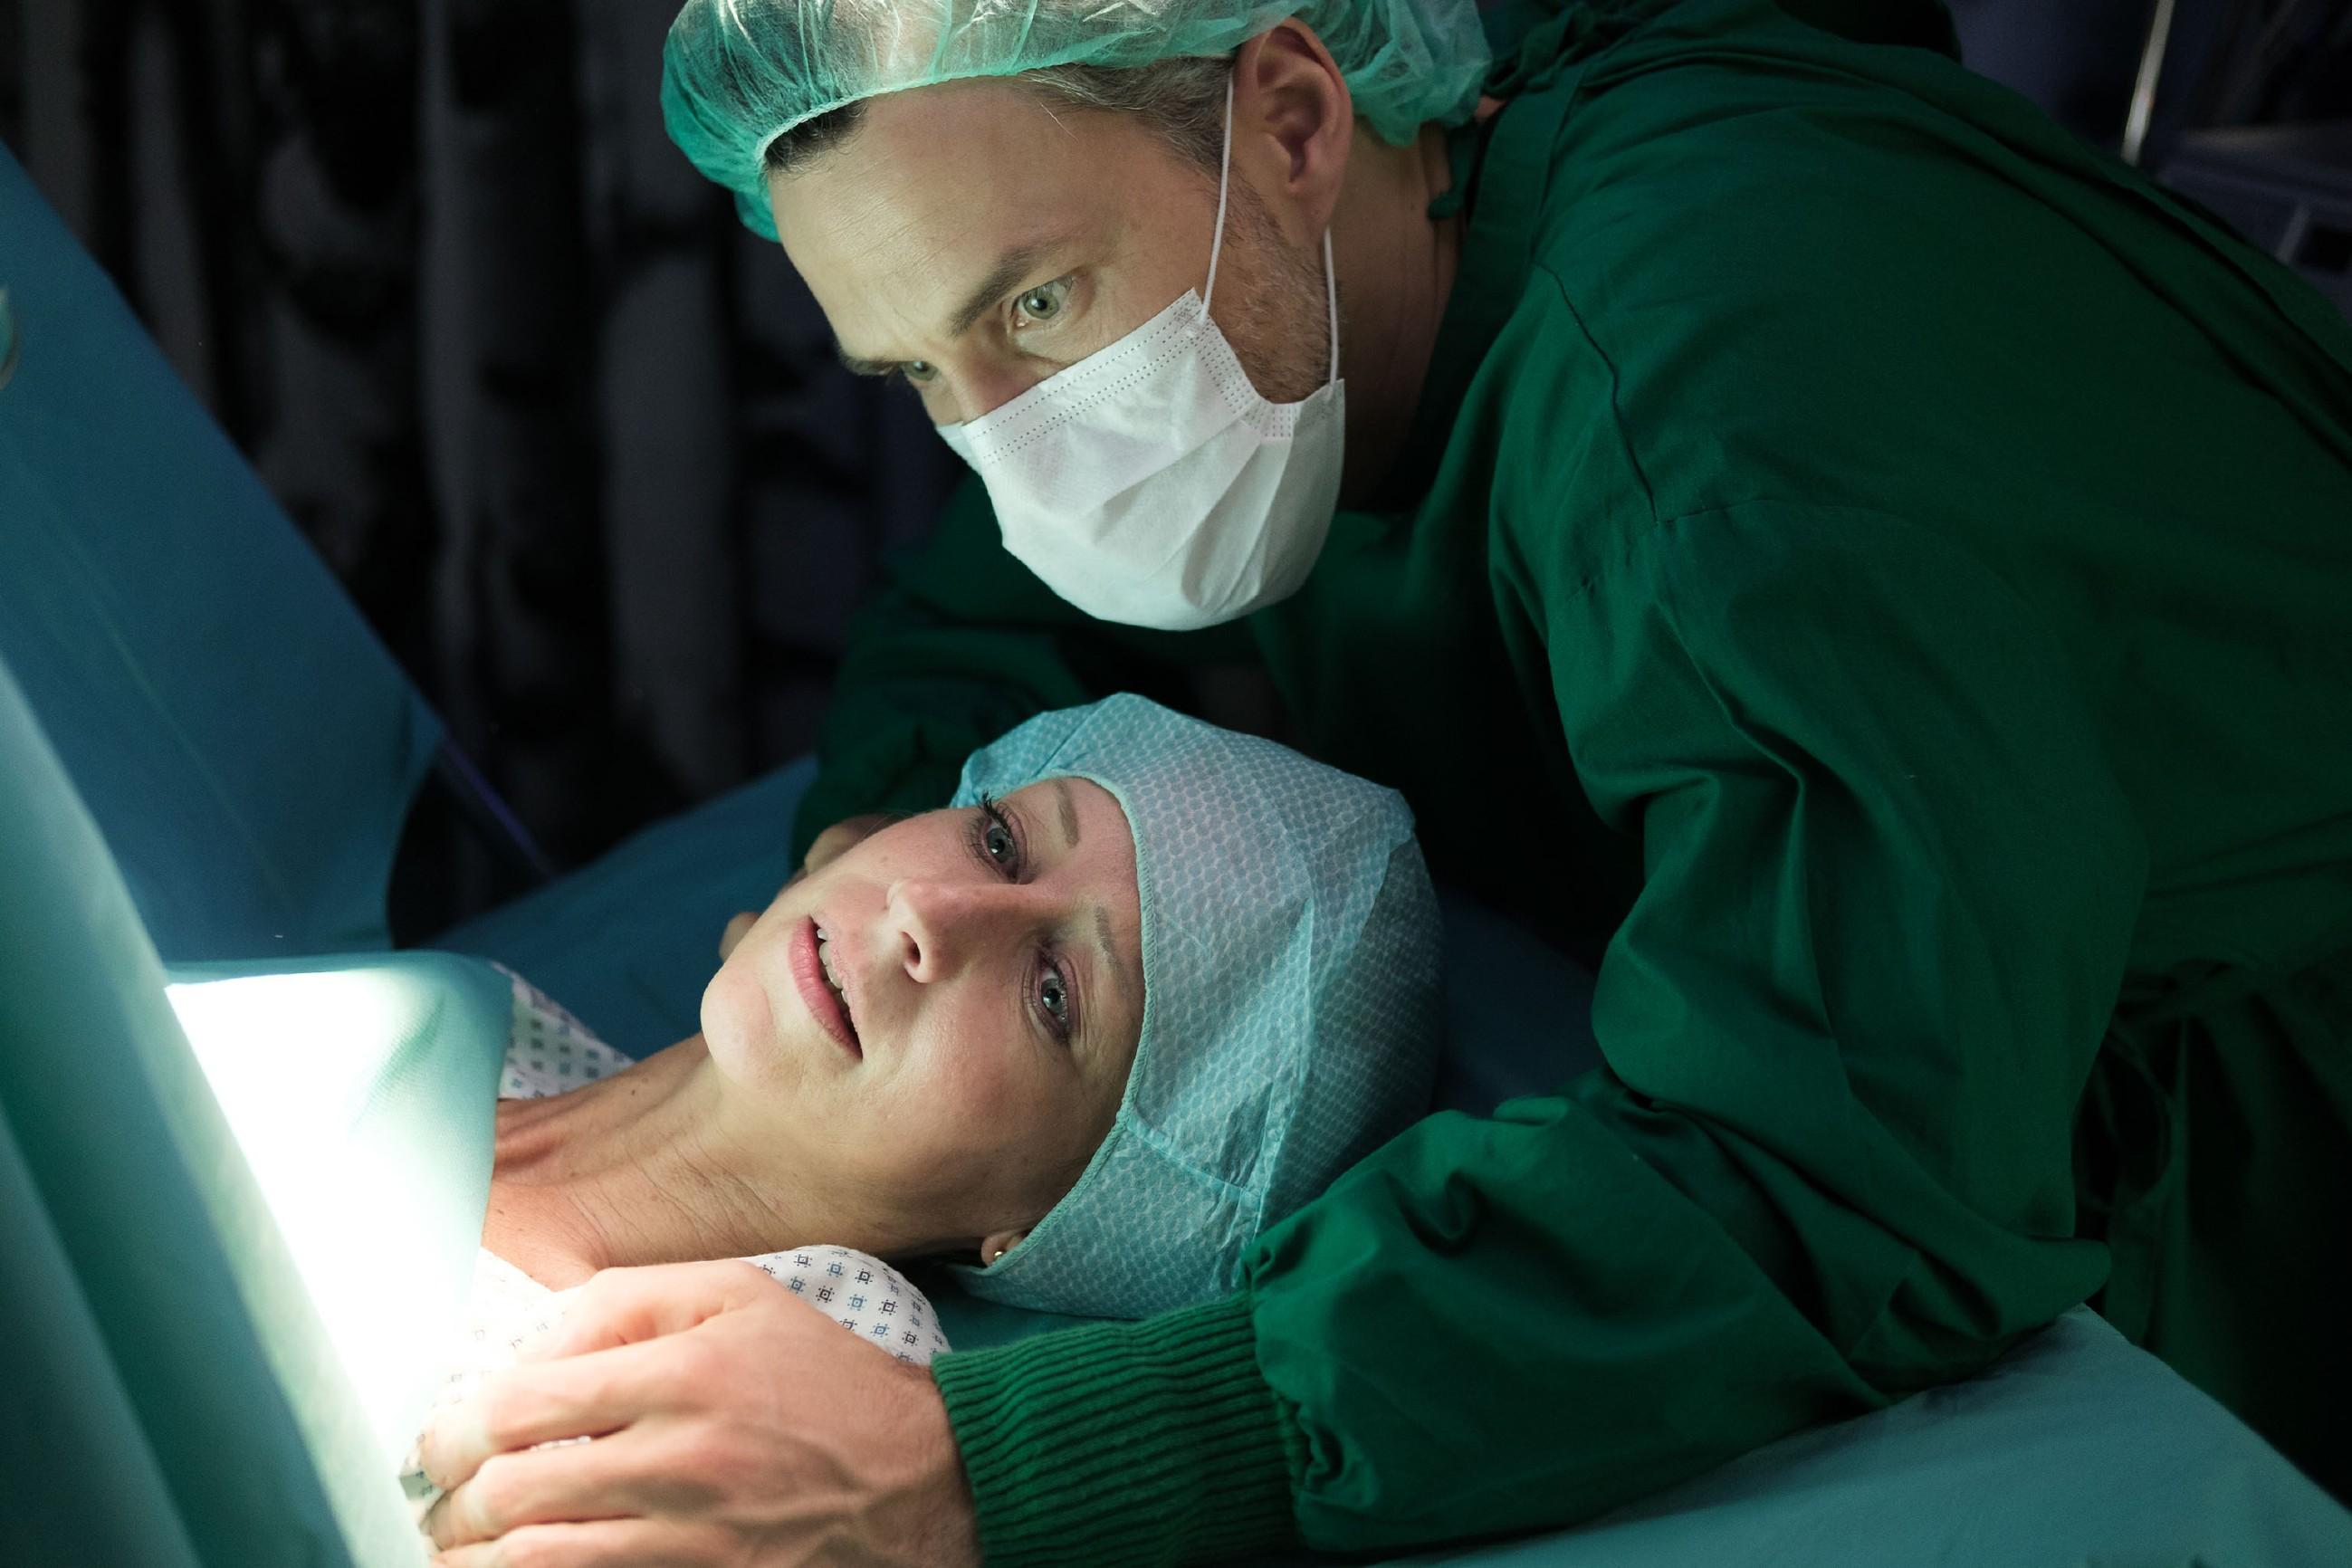 Malte (Stefan Bockelmann) steht Ute (Isabell Hertel) bei, als ihr Kind mit einem Not-Kaiserschnitt geholt werden muss... (Quelle: RTL / Stefan Behrens)